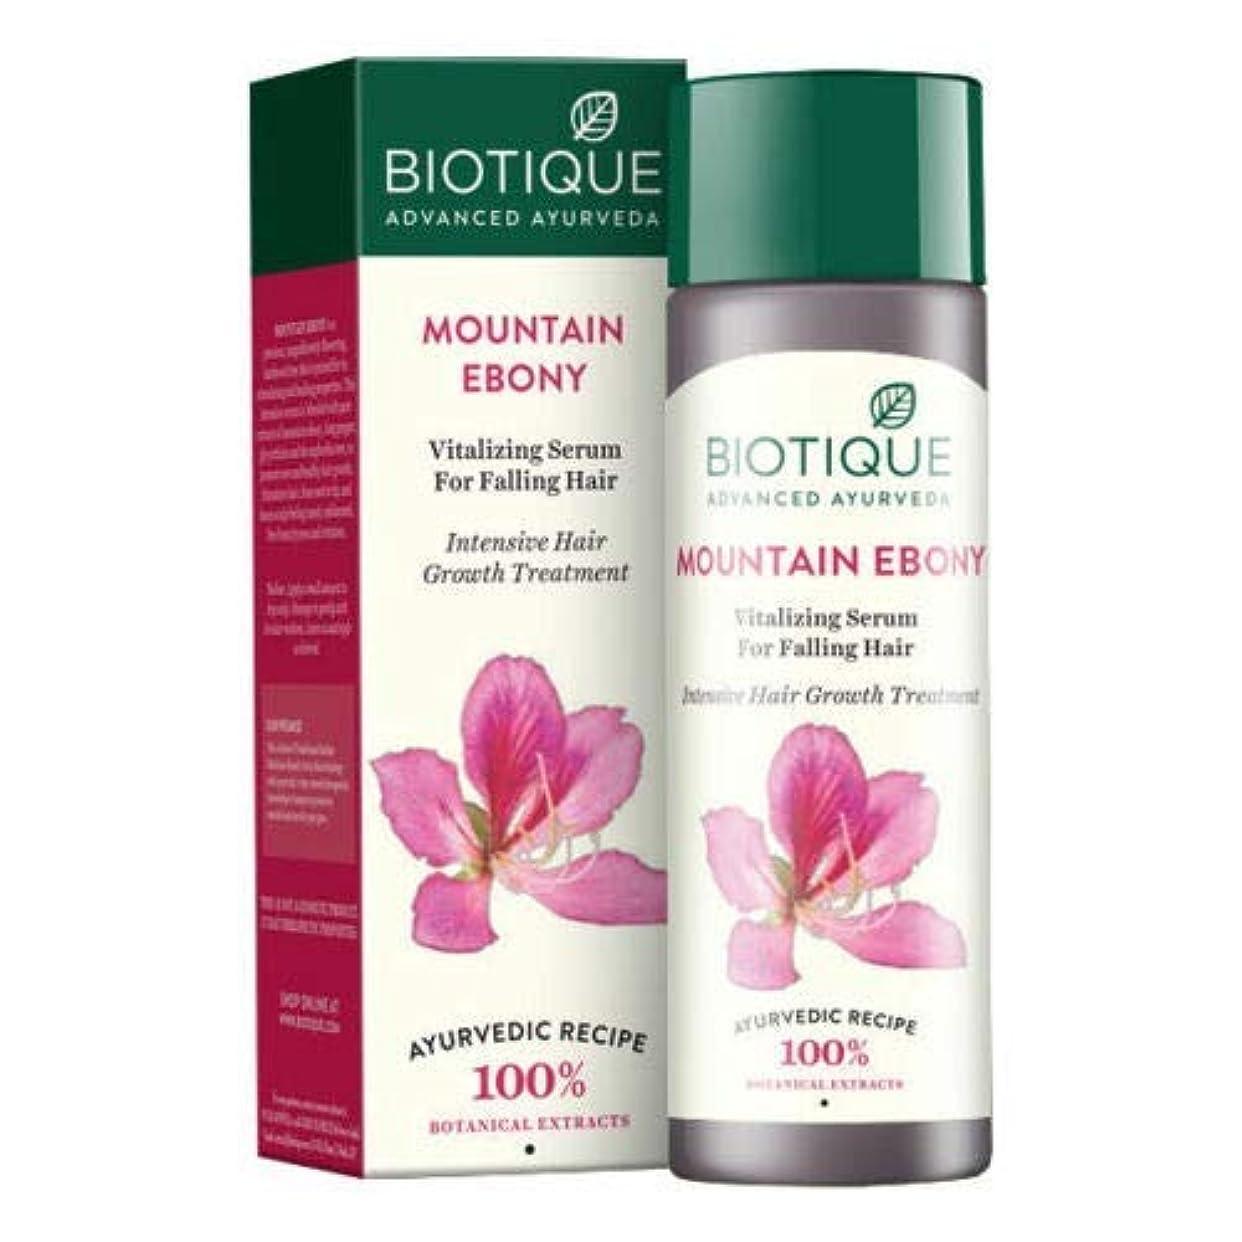 ギャザー被害者流行Biotique Bio Mountain Ebony Vitalizing Serum For Falling Hair Treatment 落下の毛の処置のためのBiotiqueのバイオ山の黒檀の活力を与える血清